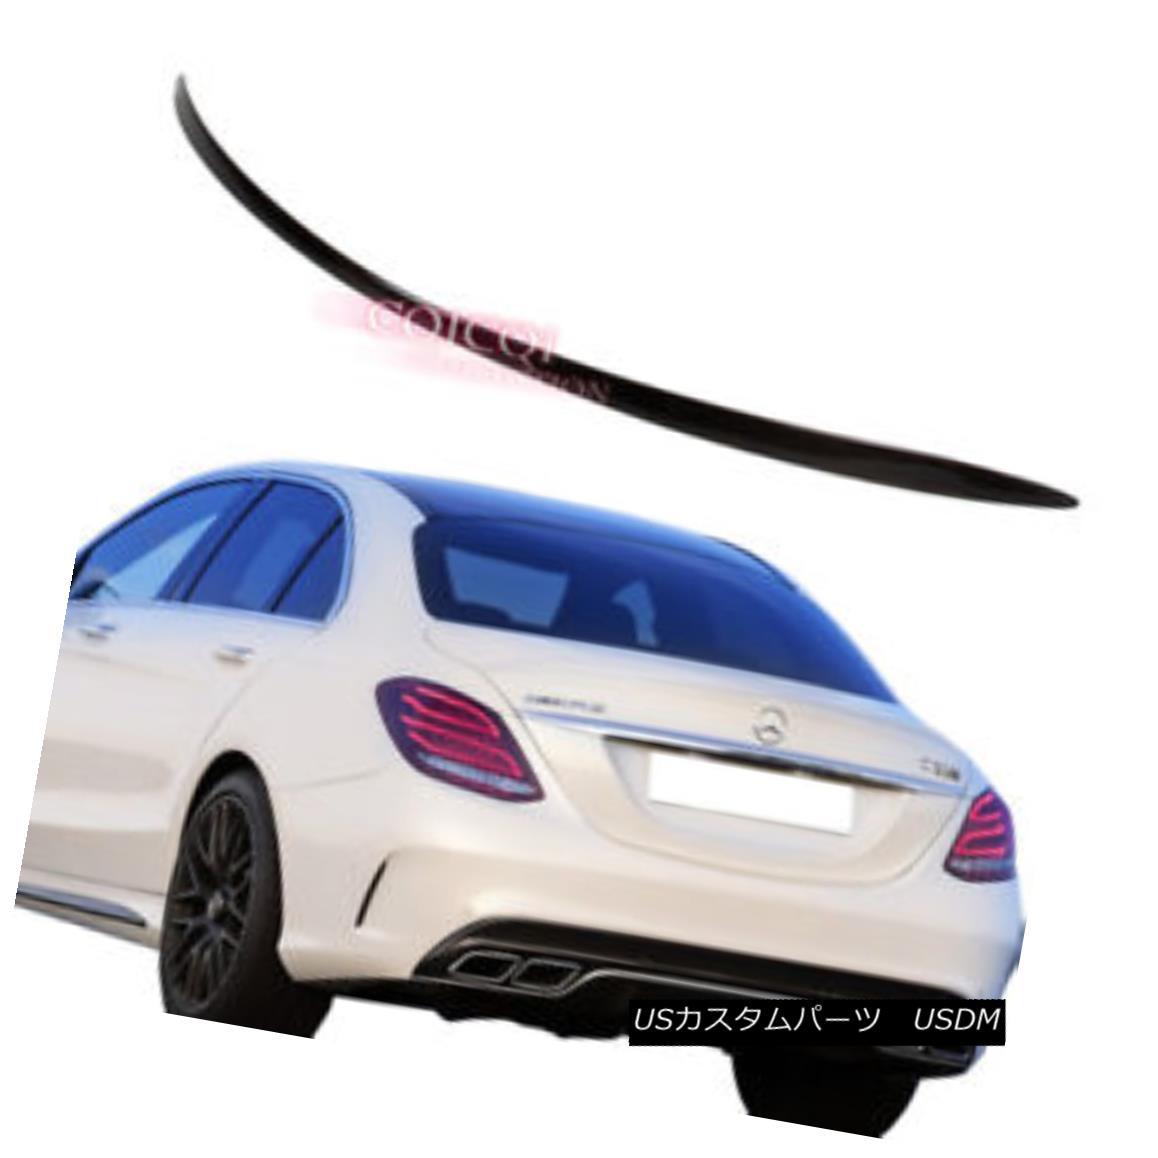 エアロパーツ Carbon Fiber MERCEDES BENZ 15~17 W205 C class Sedan OEM type trunk spoiler ◎ 炭素繊維MERCEDES BENZ 15?17 W205 CクラスセダンOEMタイプのトランク・スポイラー?